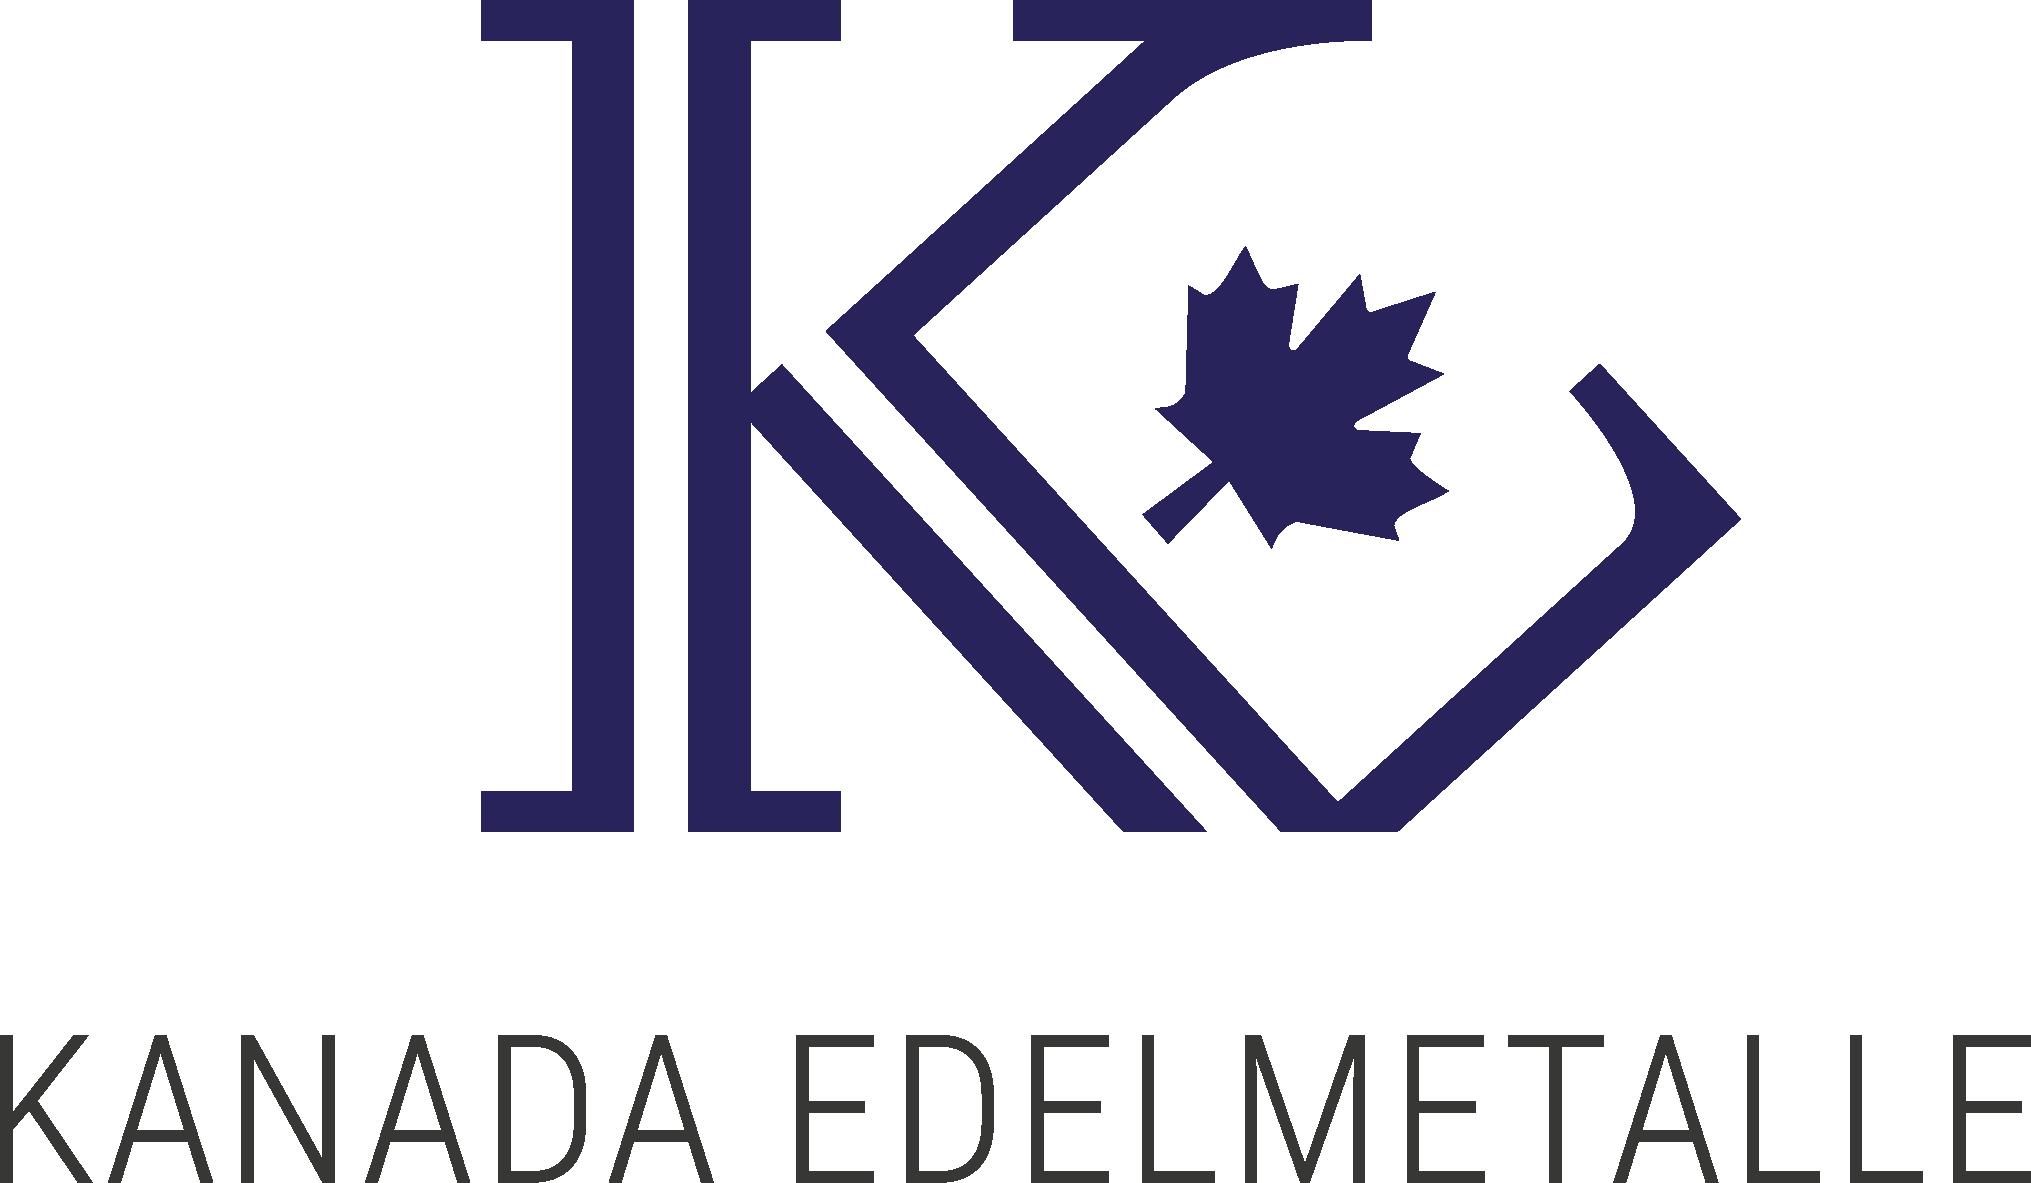 Kanada Edelmetalle und Sachwerte GmbH